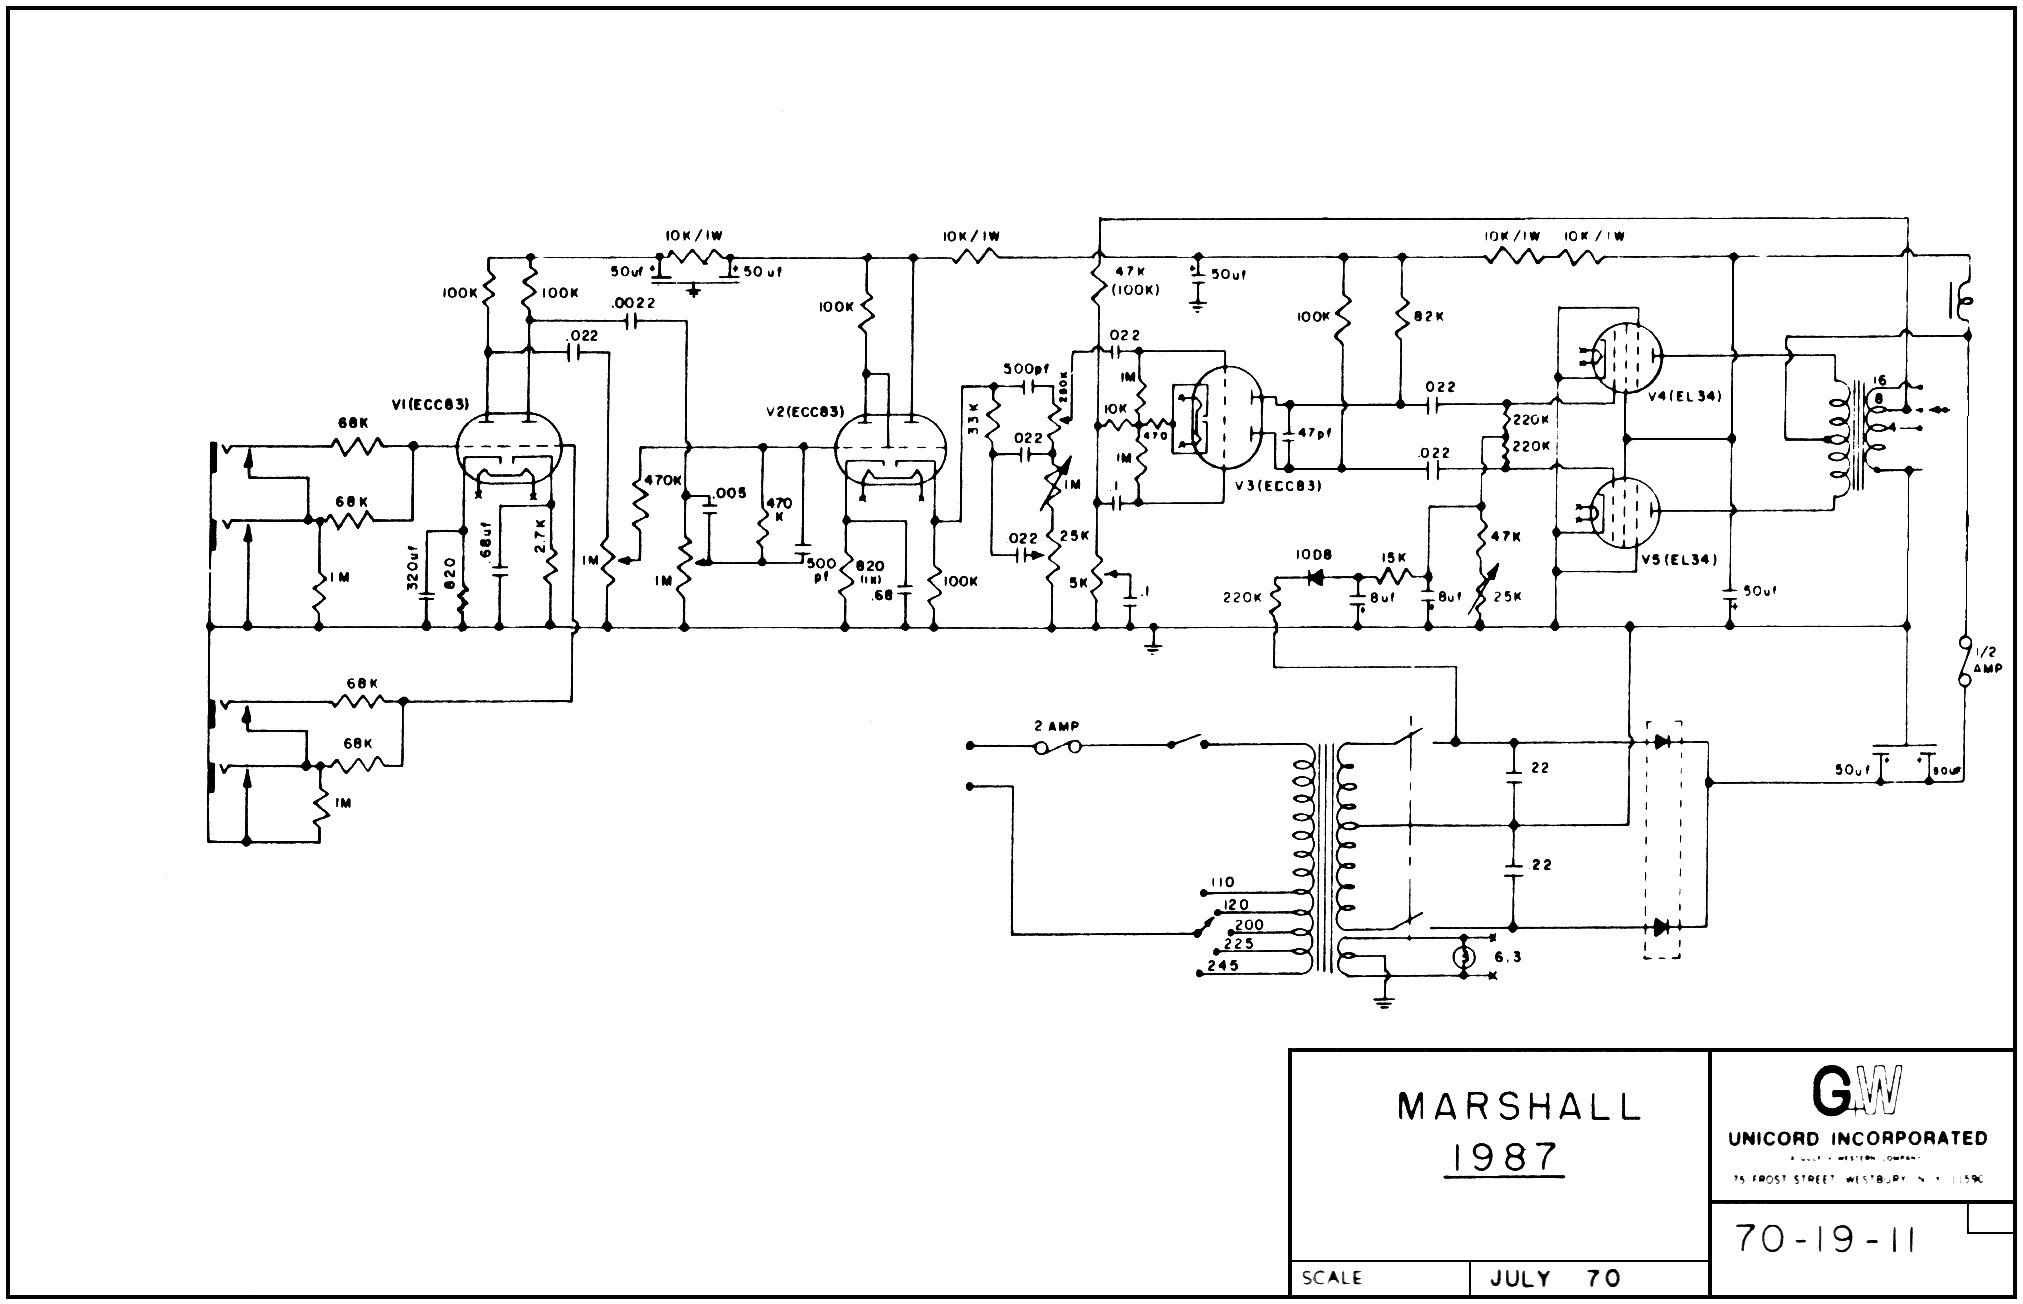 carlos solis diagramasdecom diagramas electronicos y diagramas